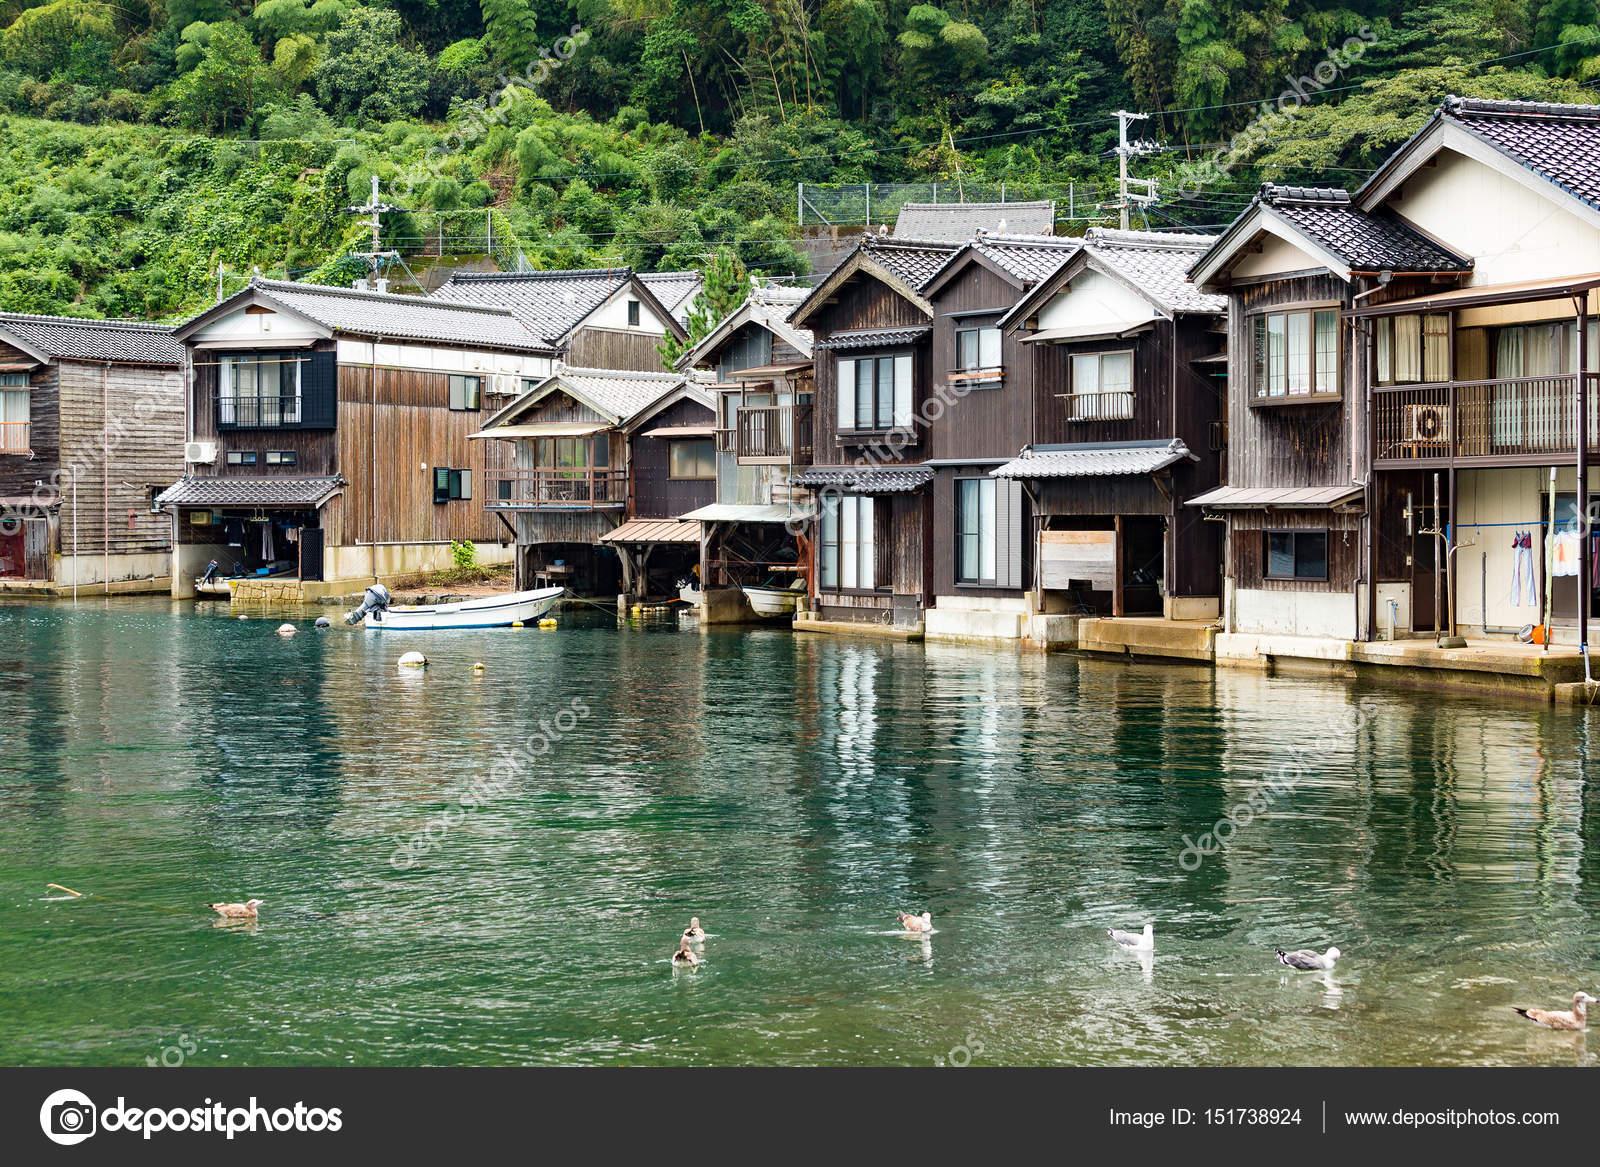 Traditionelle Japanische Häuser traditionelle japanische wasser häuser ine cho stockfoto